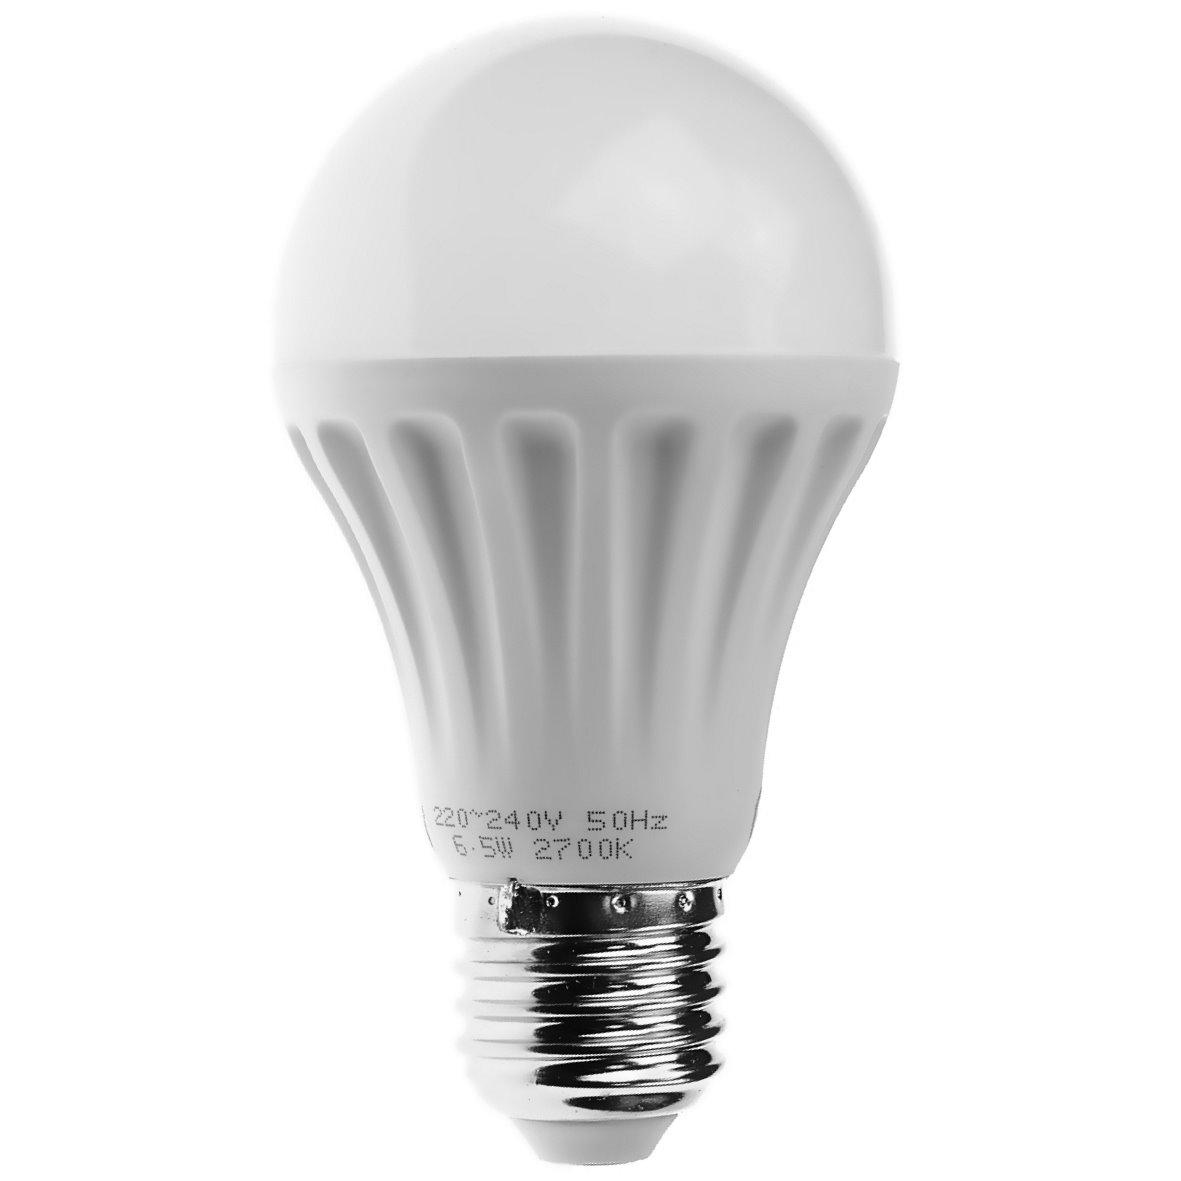 Samsung LG Power LED SMD Birne 6,5W 10W SMD E27 Leuchtmittel Lumixon warmweiß